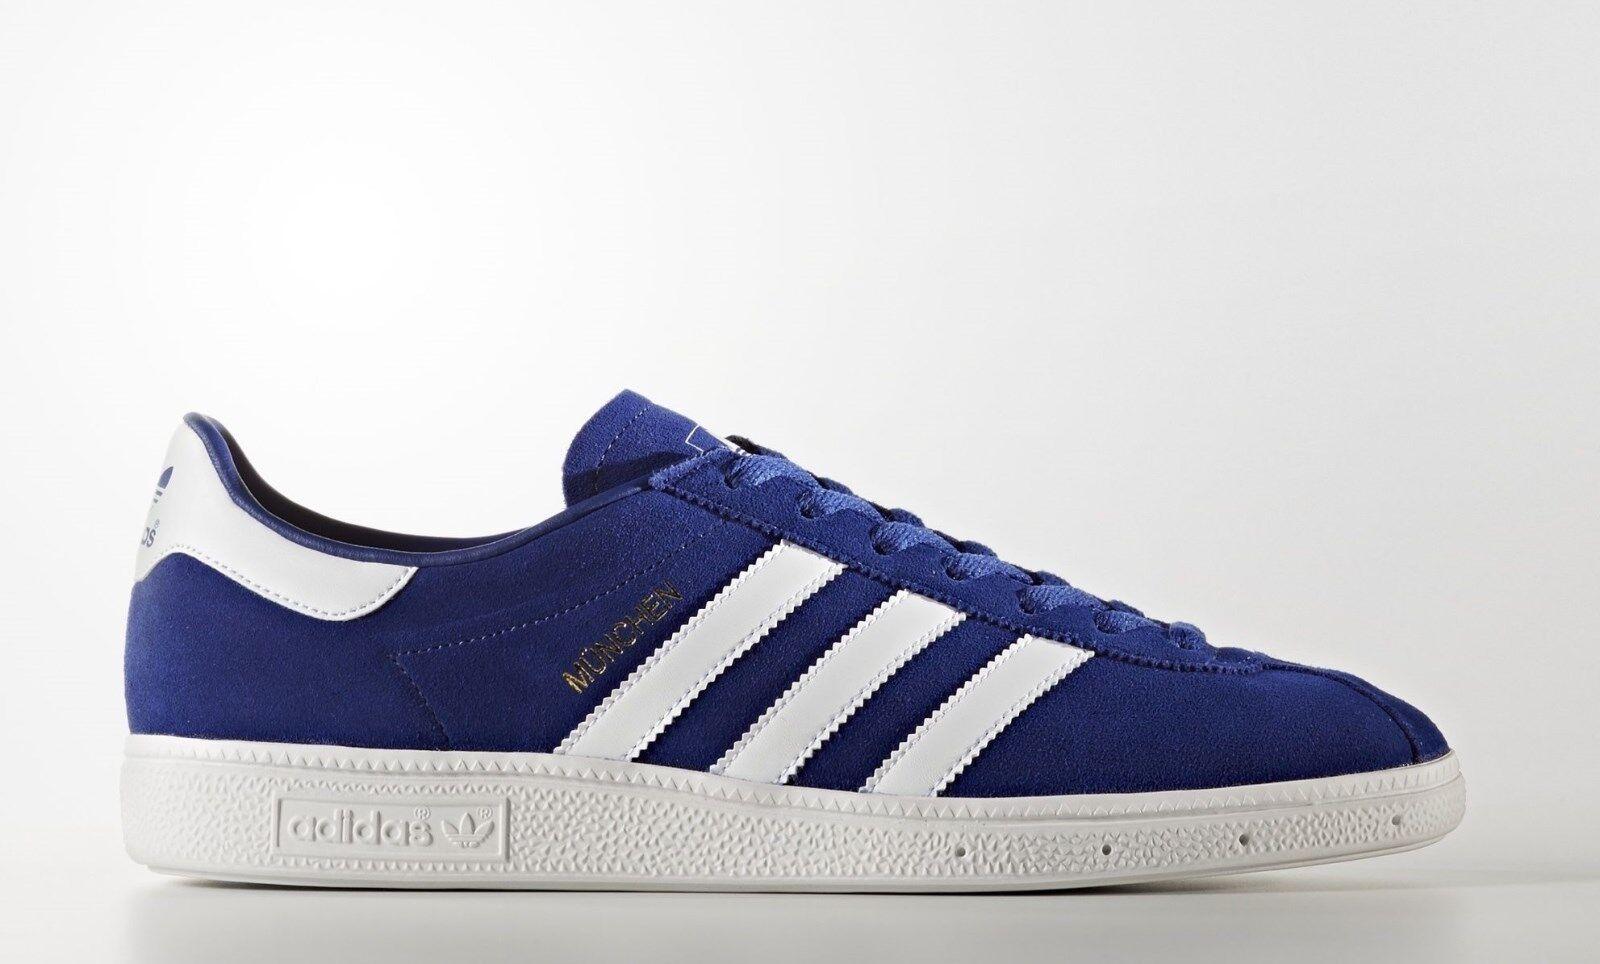 Adidas Originals Munchen blu/bianco Scarpe Scarpe blu/bianco da ginnastica Uomo 7.5 _ 8.5 _ 9 _ 9.5 _ 10 _ 10.5 b6eb87